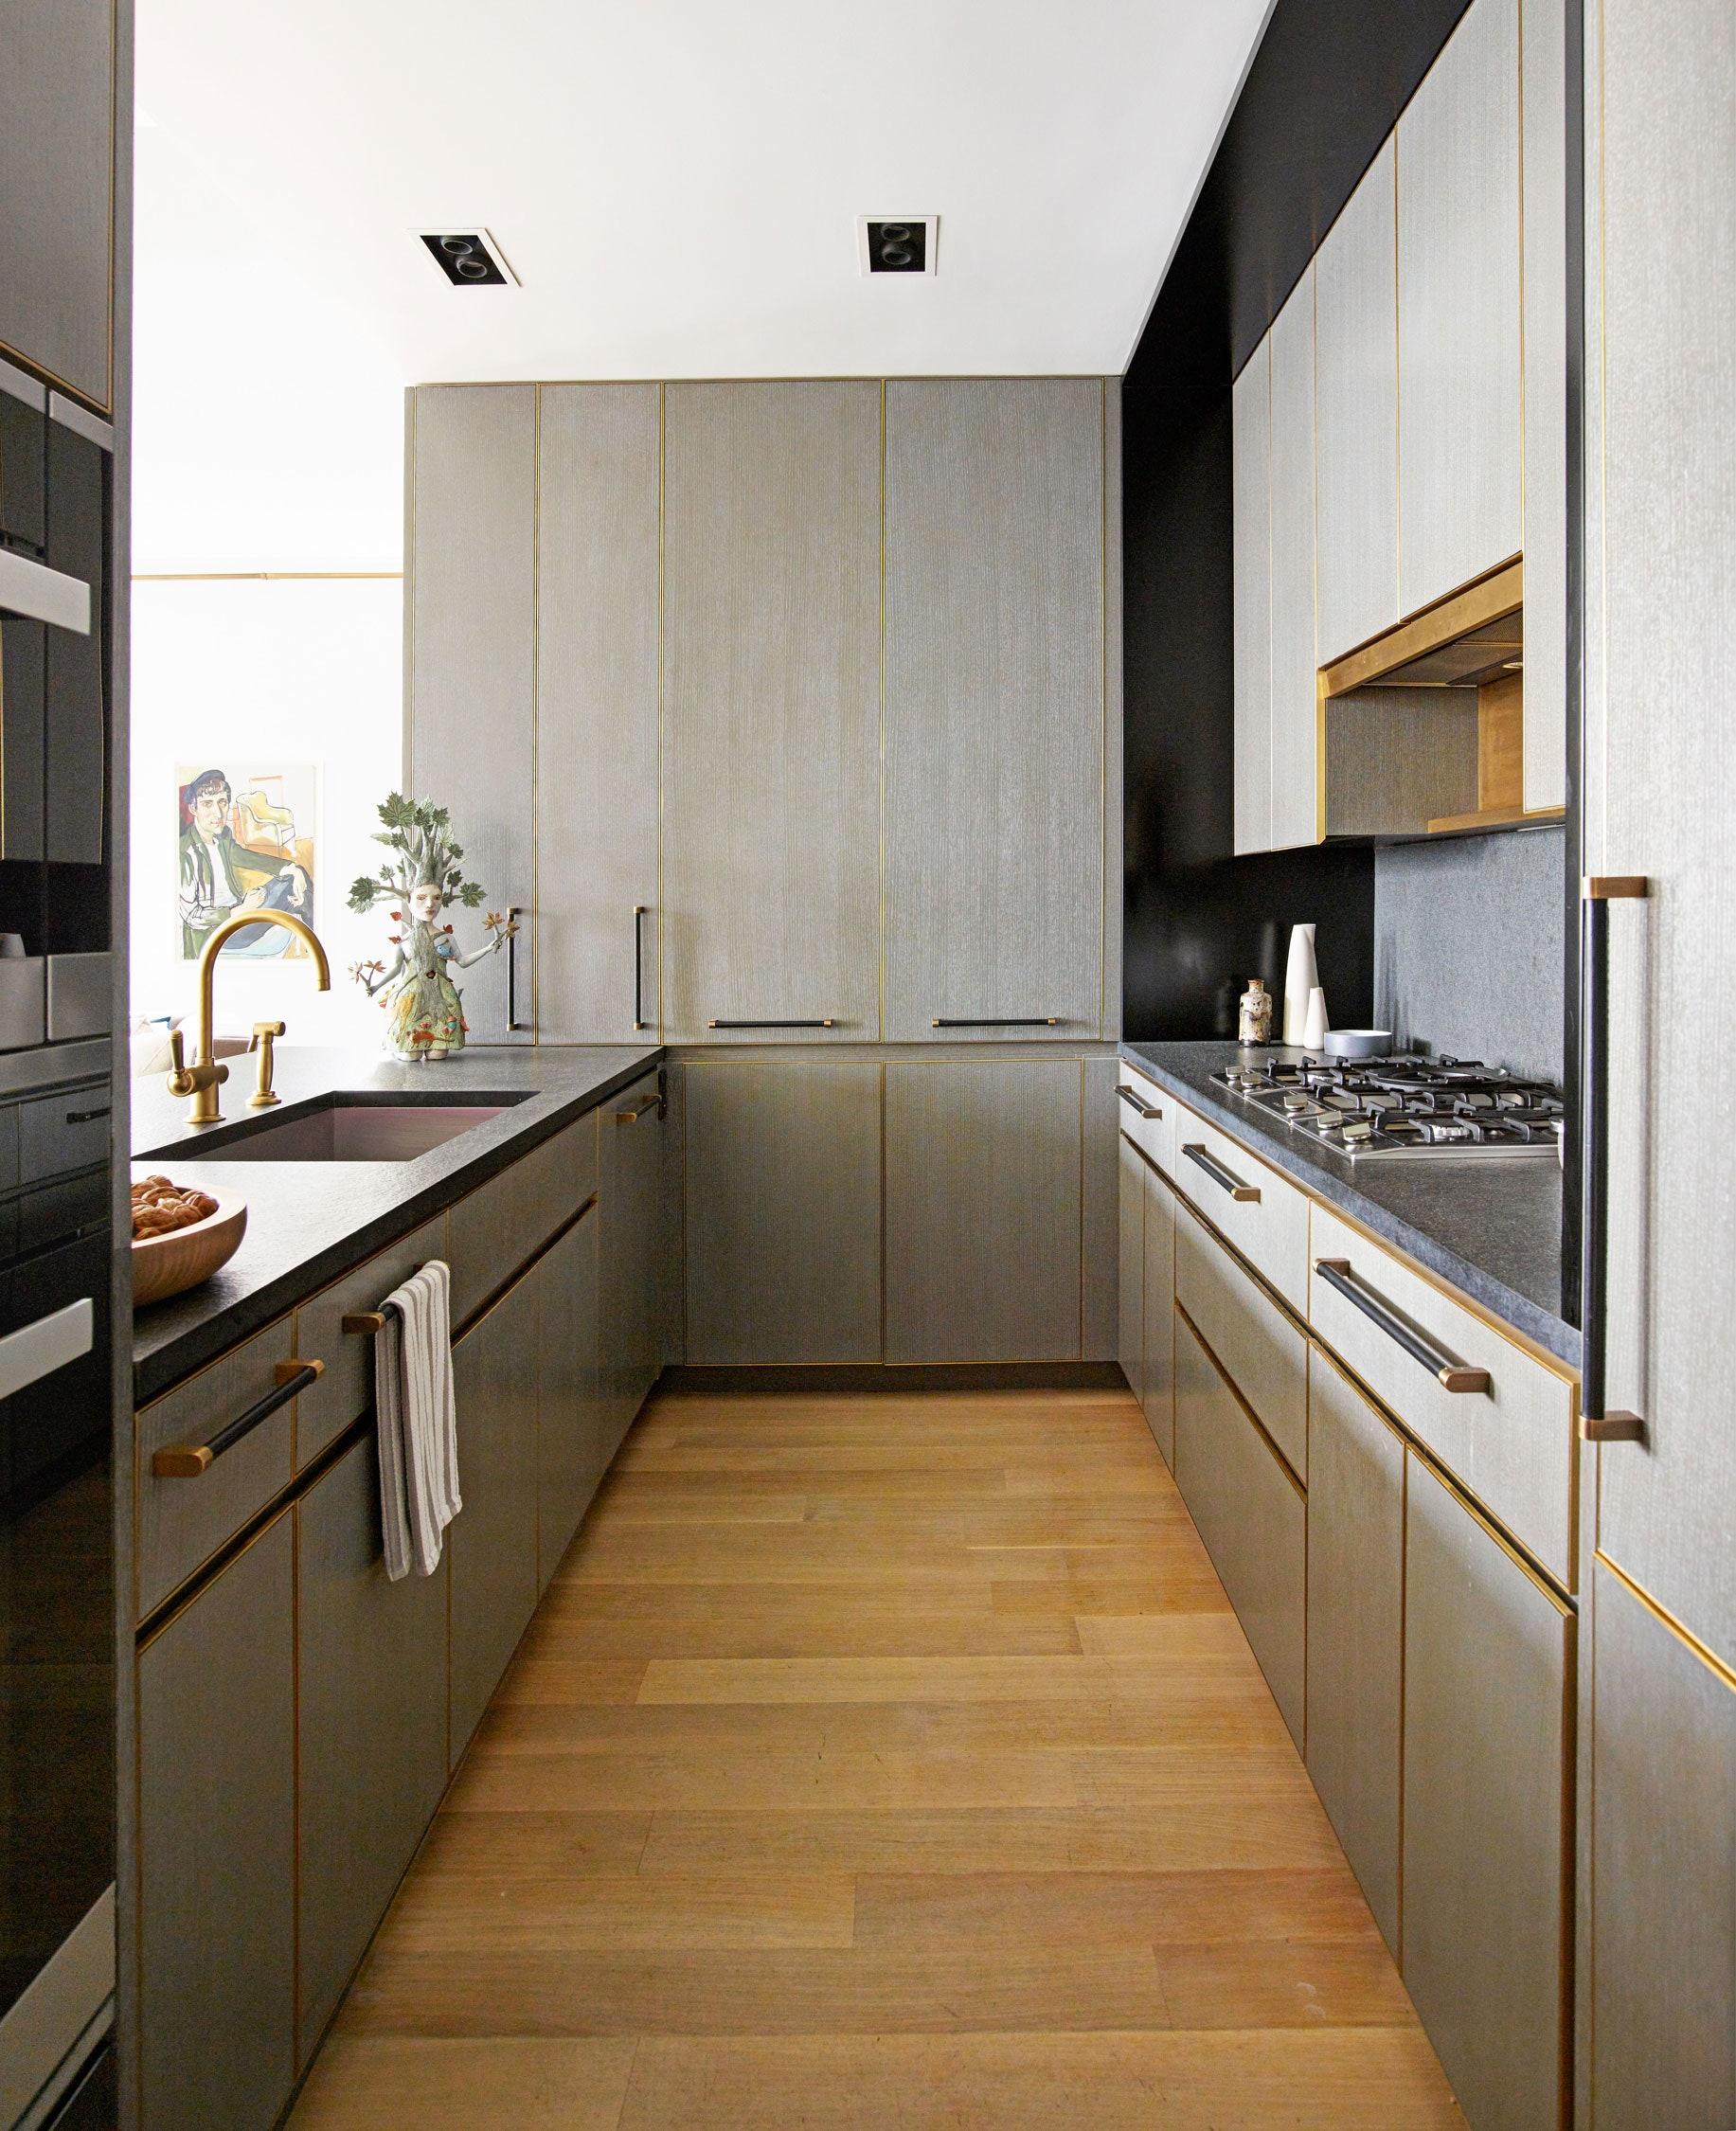 Take apartment kitchen interior design ideas as an example